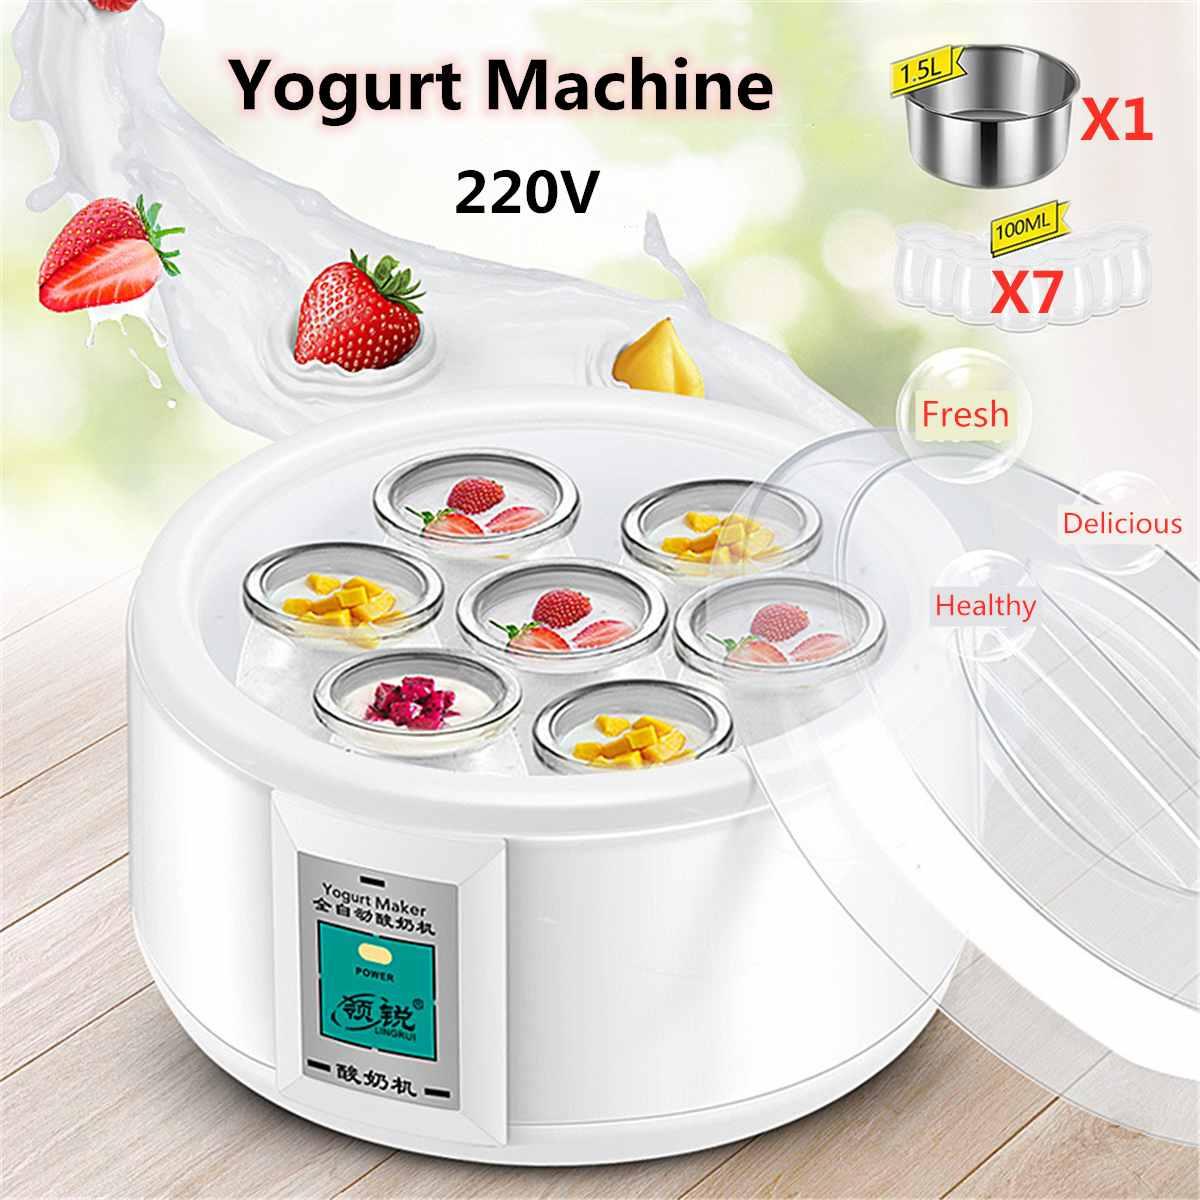 1.5L yaourtière automatique avec 7 pots yaourtière électrique yaourtière bricolage outil cuisine appareils Liner matériel acier inoxydable